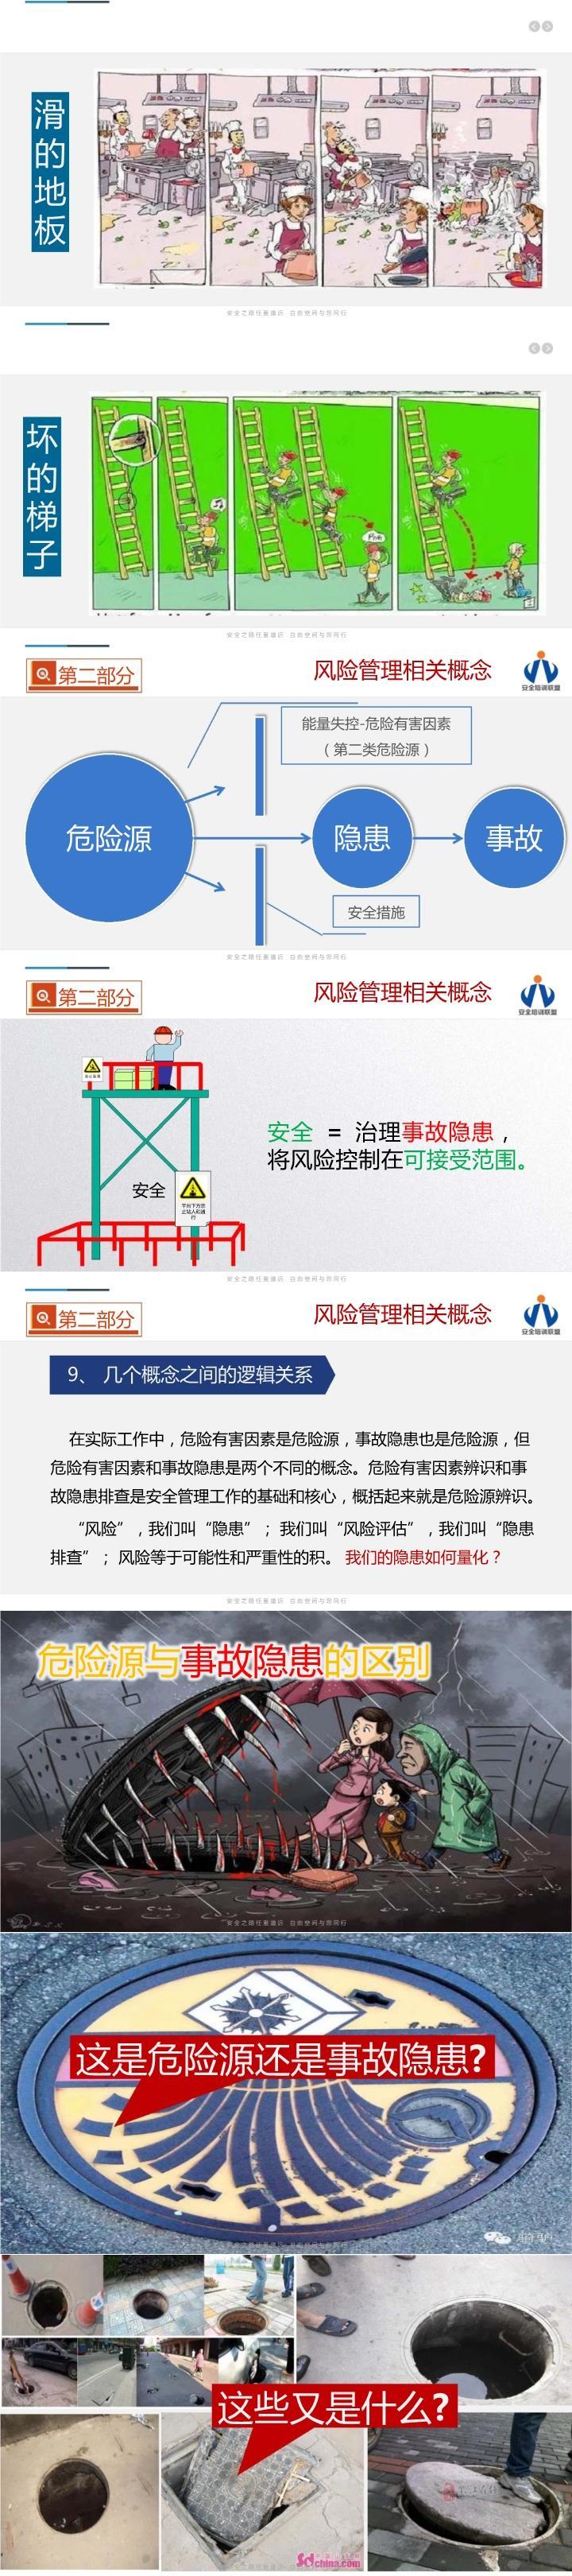 企業風險分級管控與事故隱患排查治理105-112_split.jpg